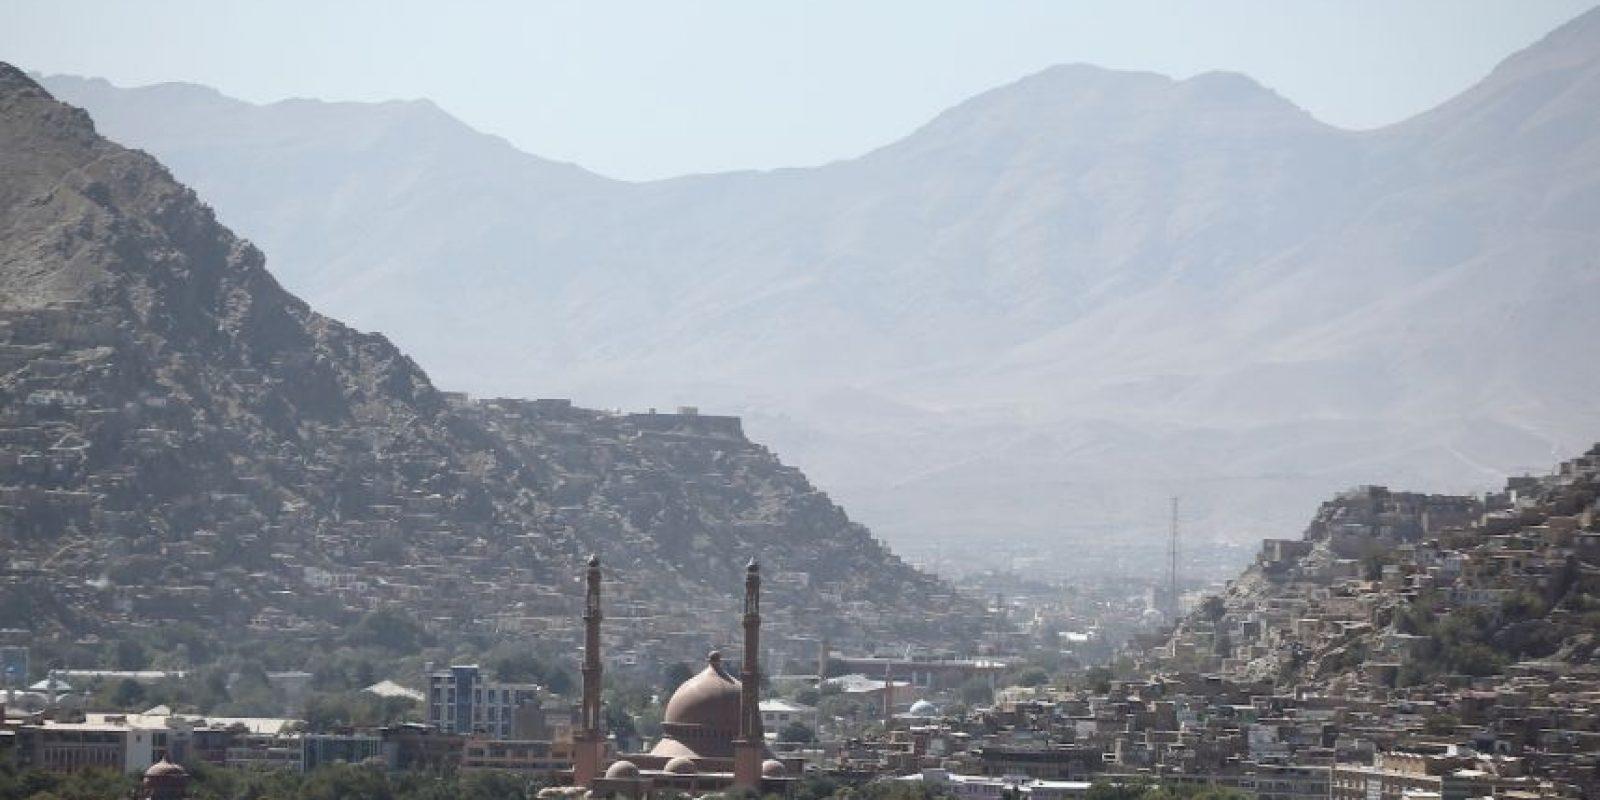 El año pasado, el Presidente de Estados Unidos, Barack Obama, puso fin la misión en Afganistán y la ceremonia se realizó en Kabul. Foto:Getty Images